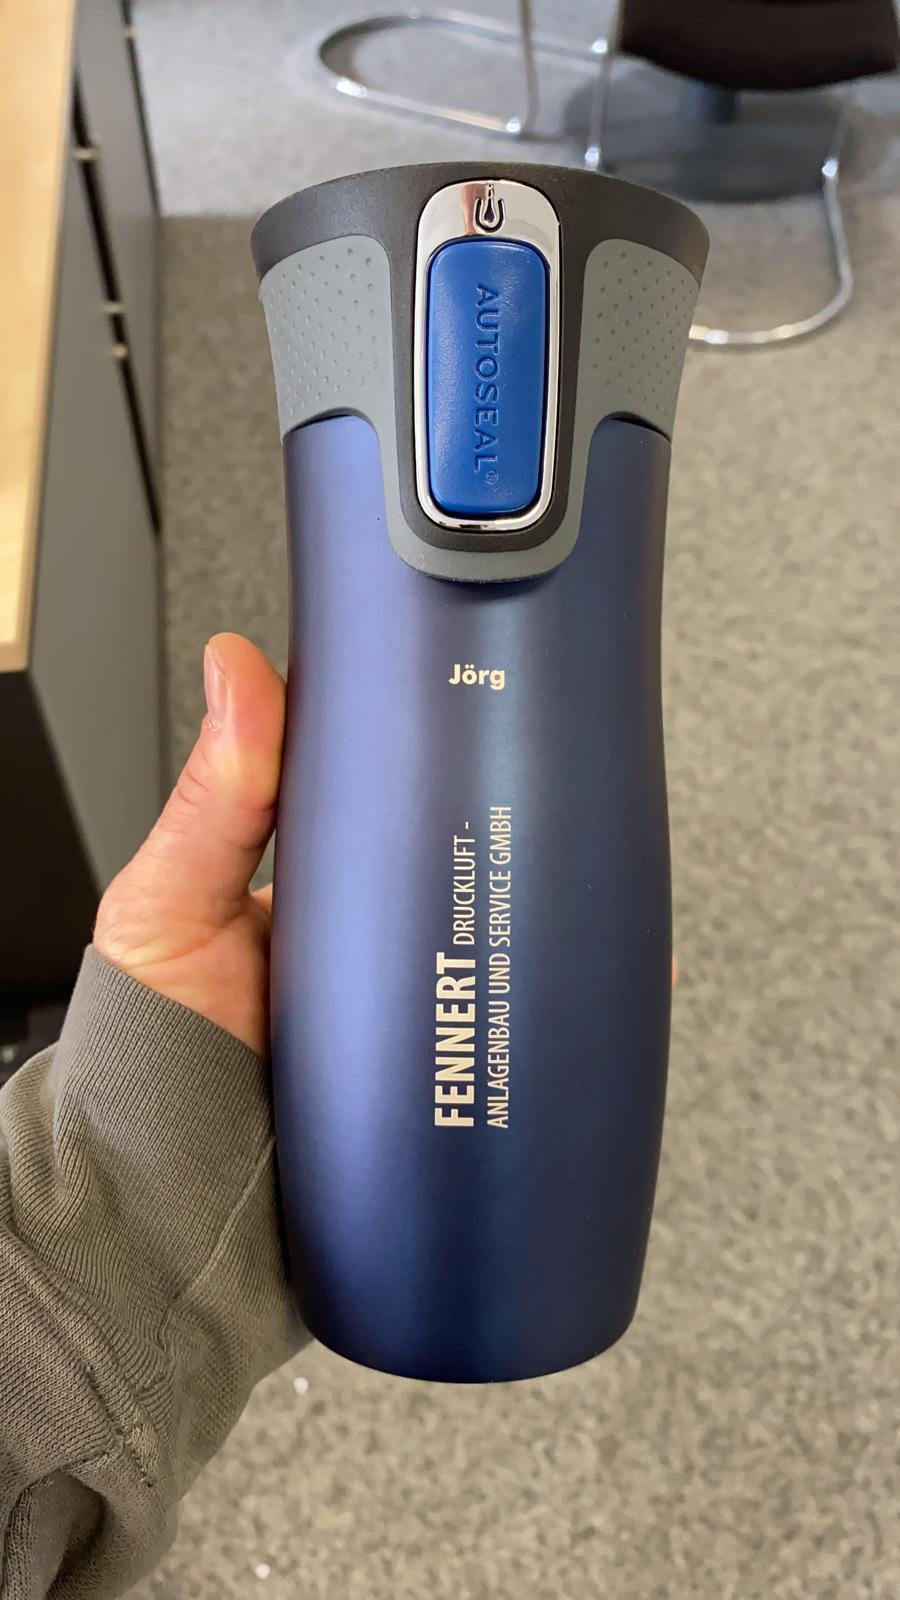 West Loop blau personalisiert mit Name und Firmenlogo als Geschenk für Mitarbeiter